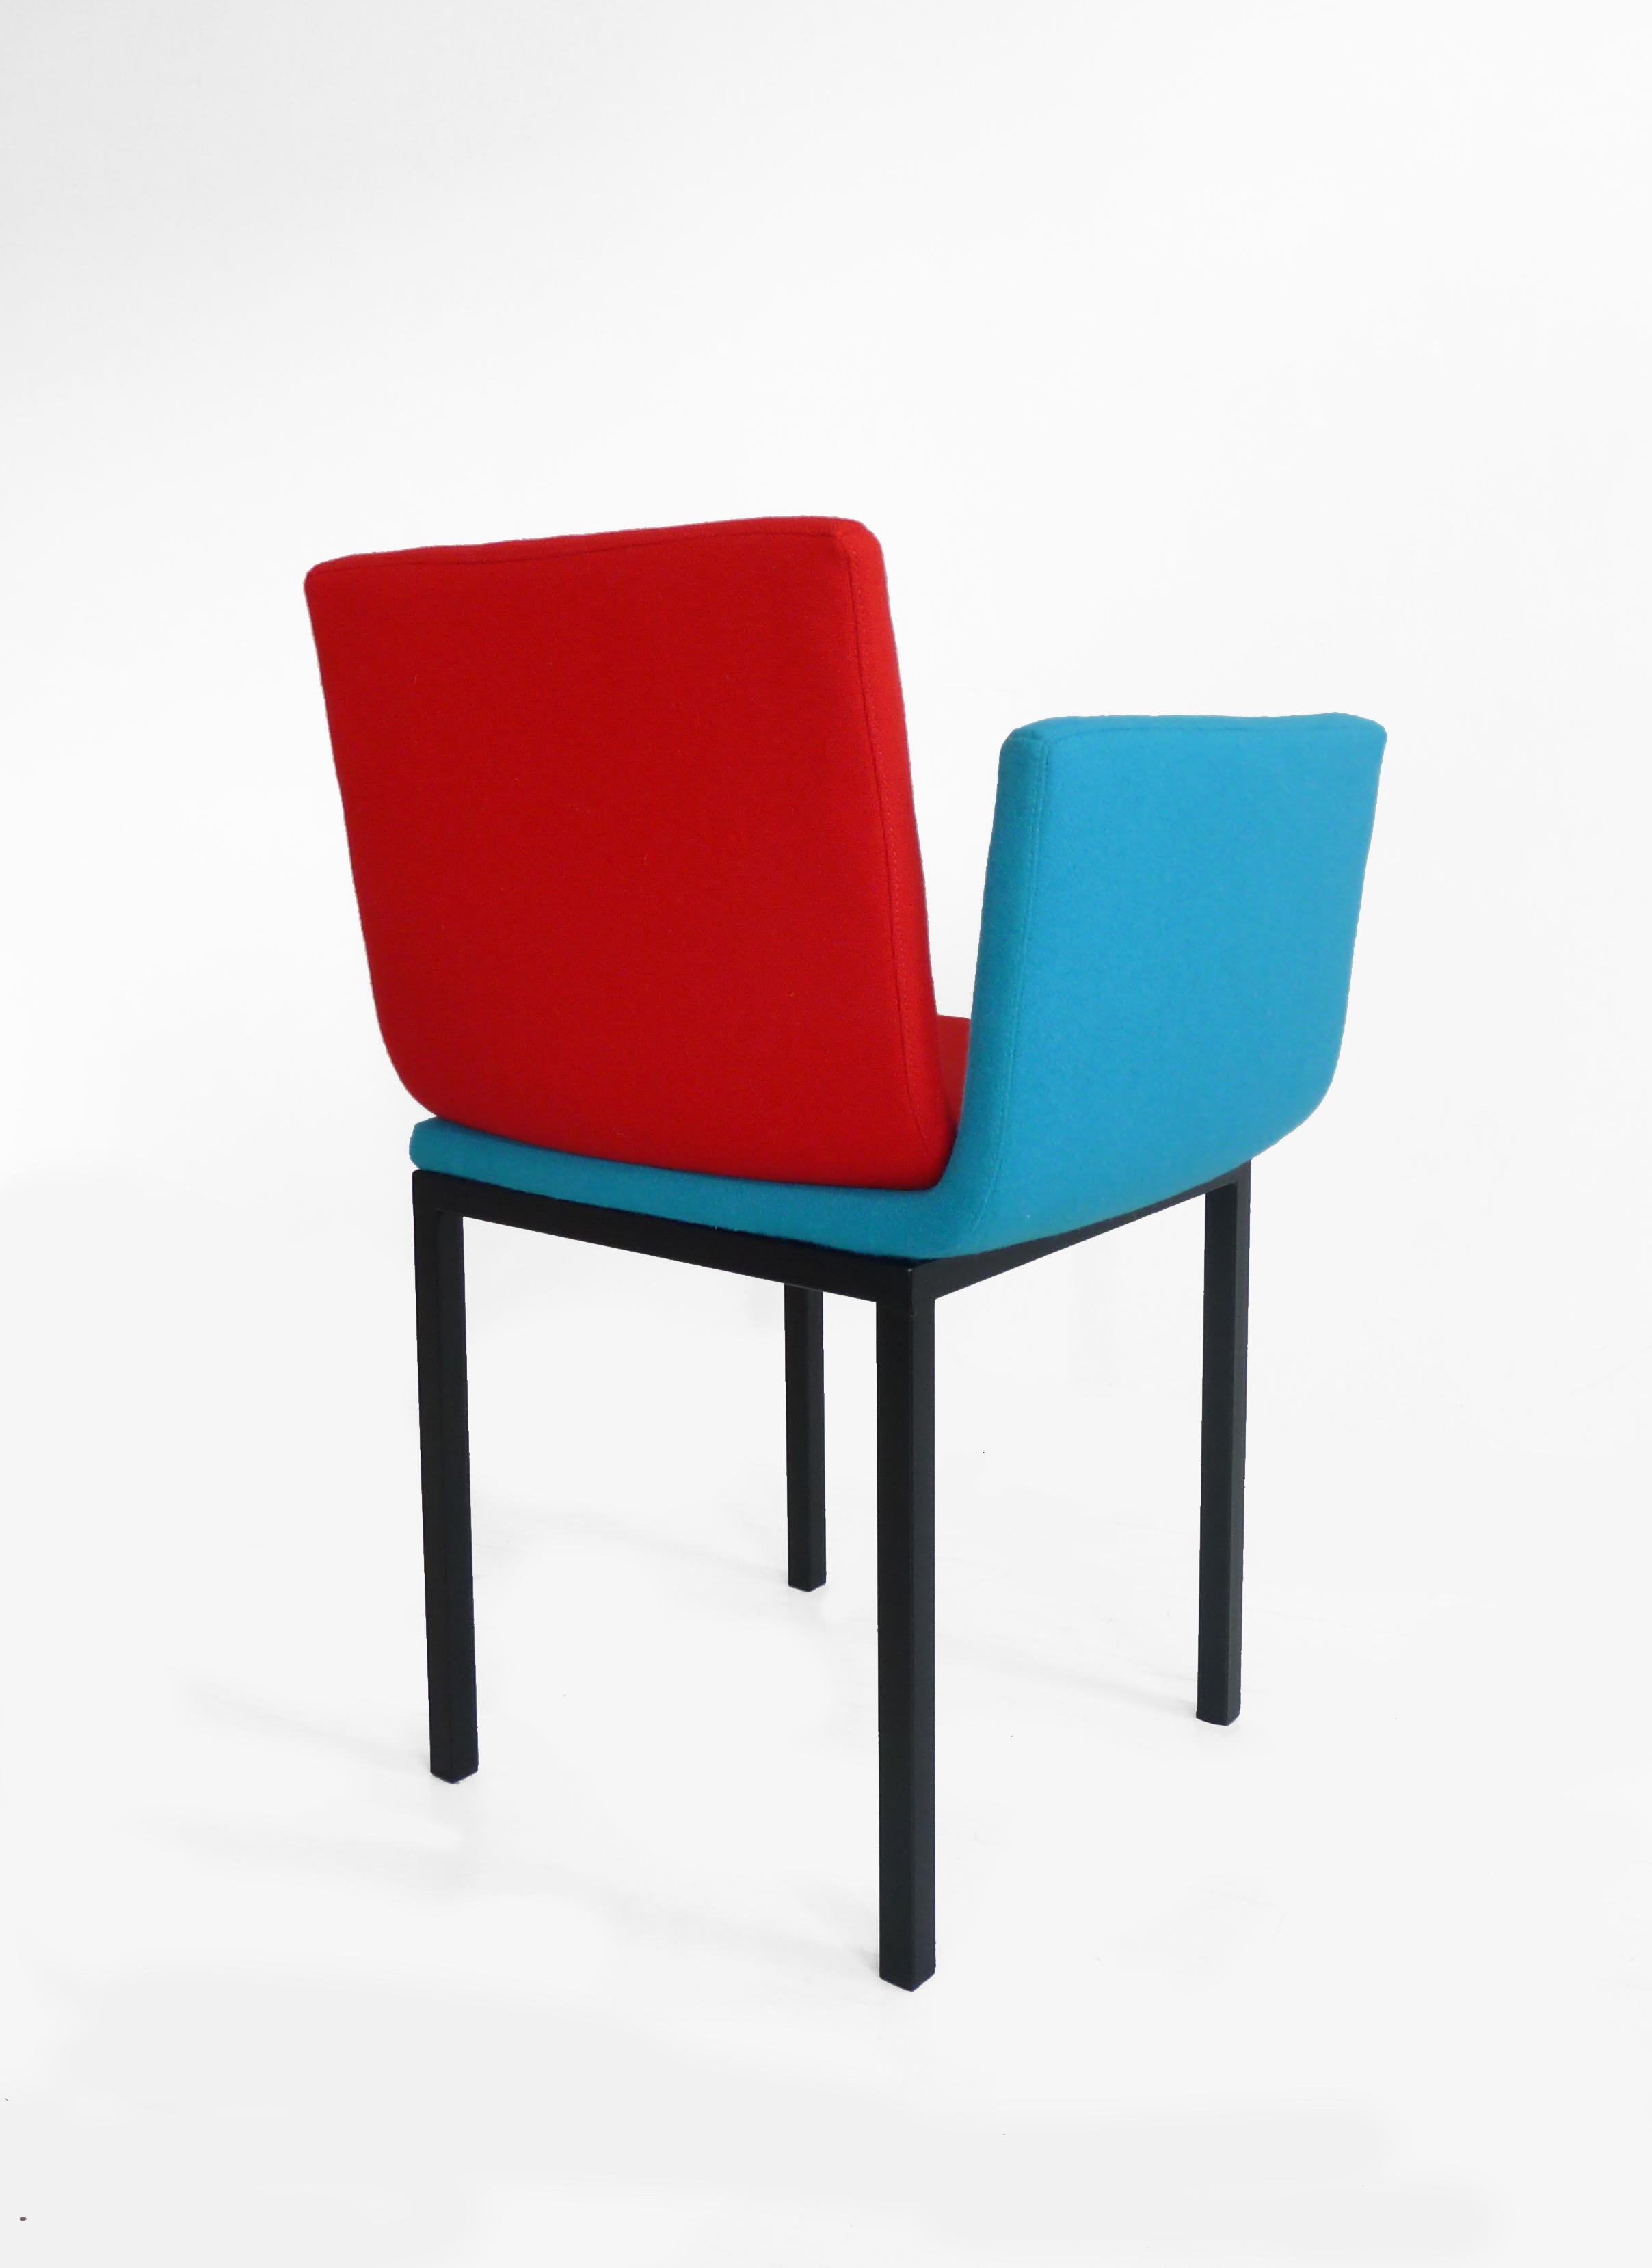 red blue chair 2.jpg